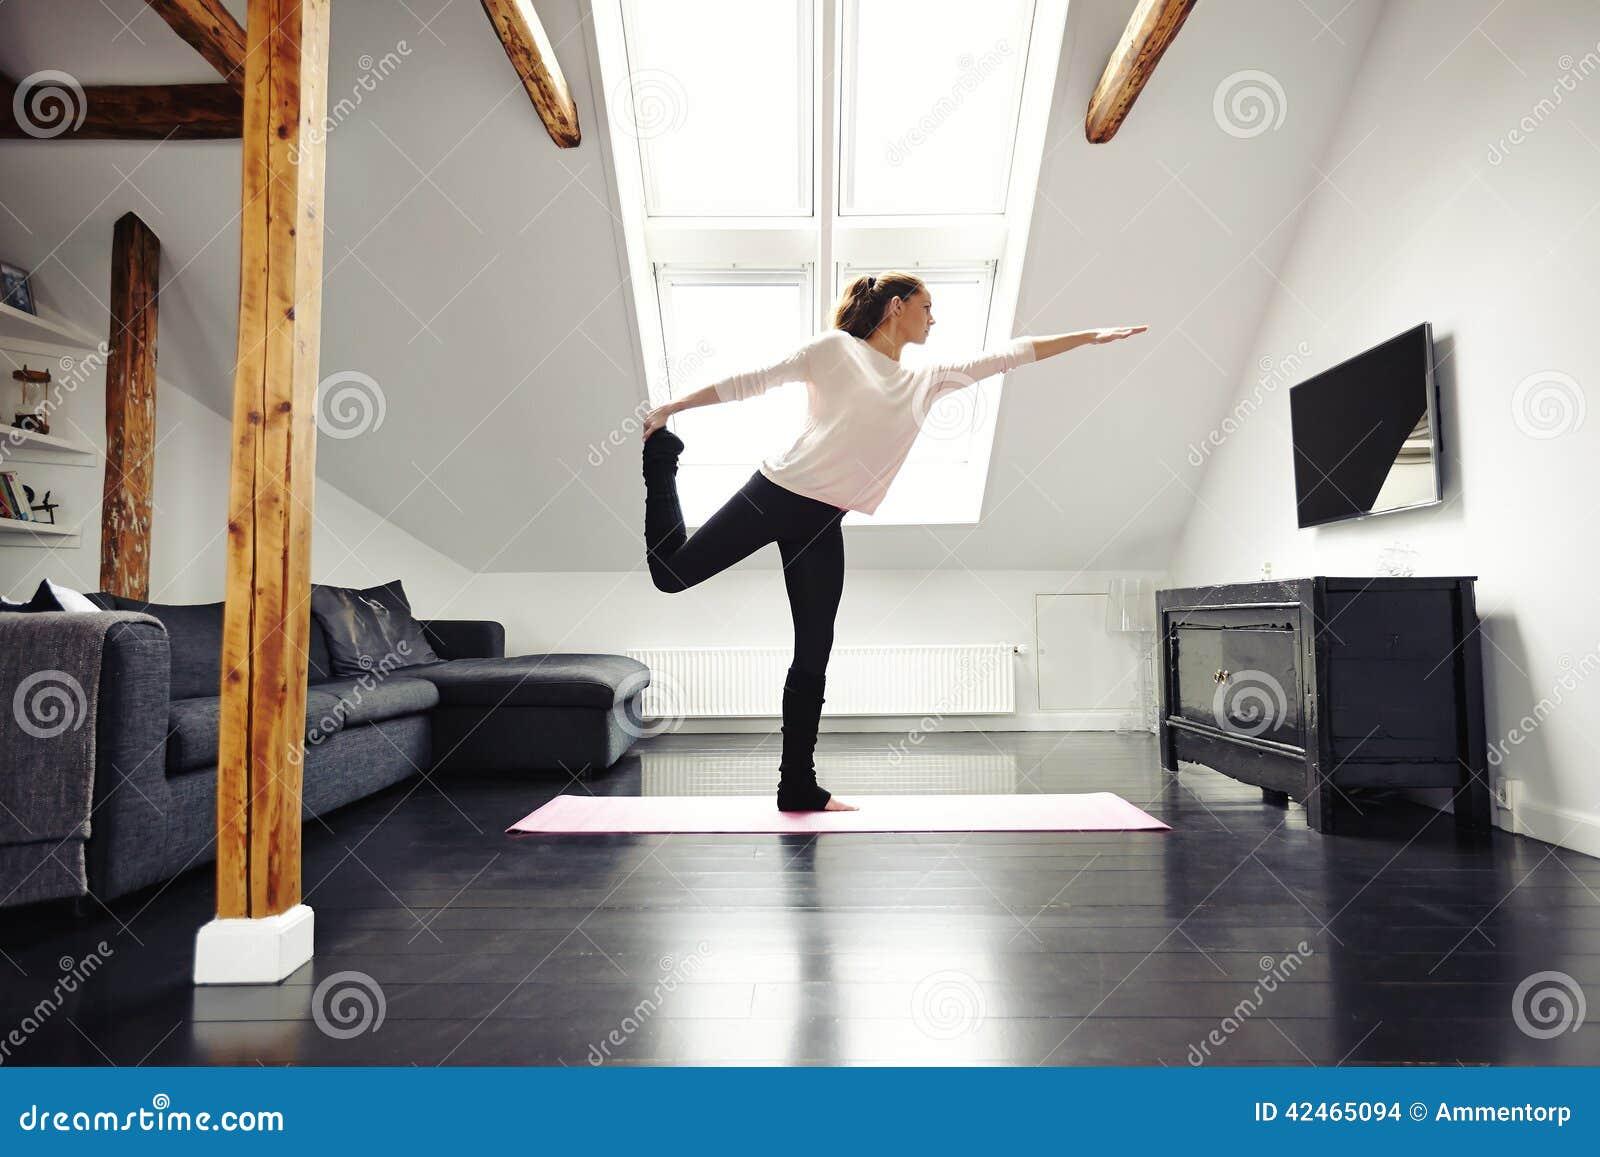 Ausdehnendes und balancierendes Yogatraining